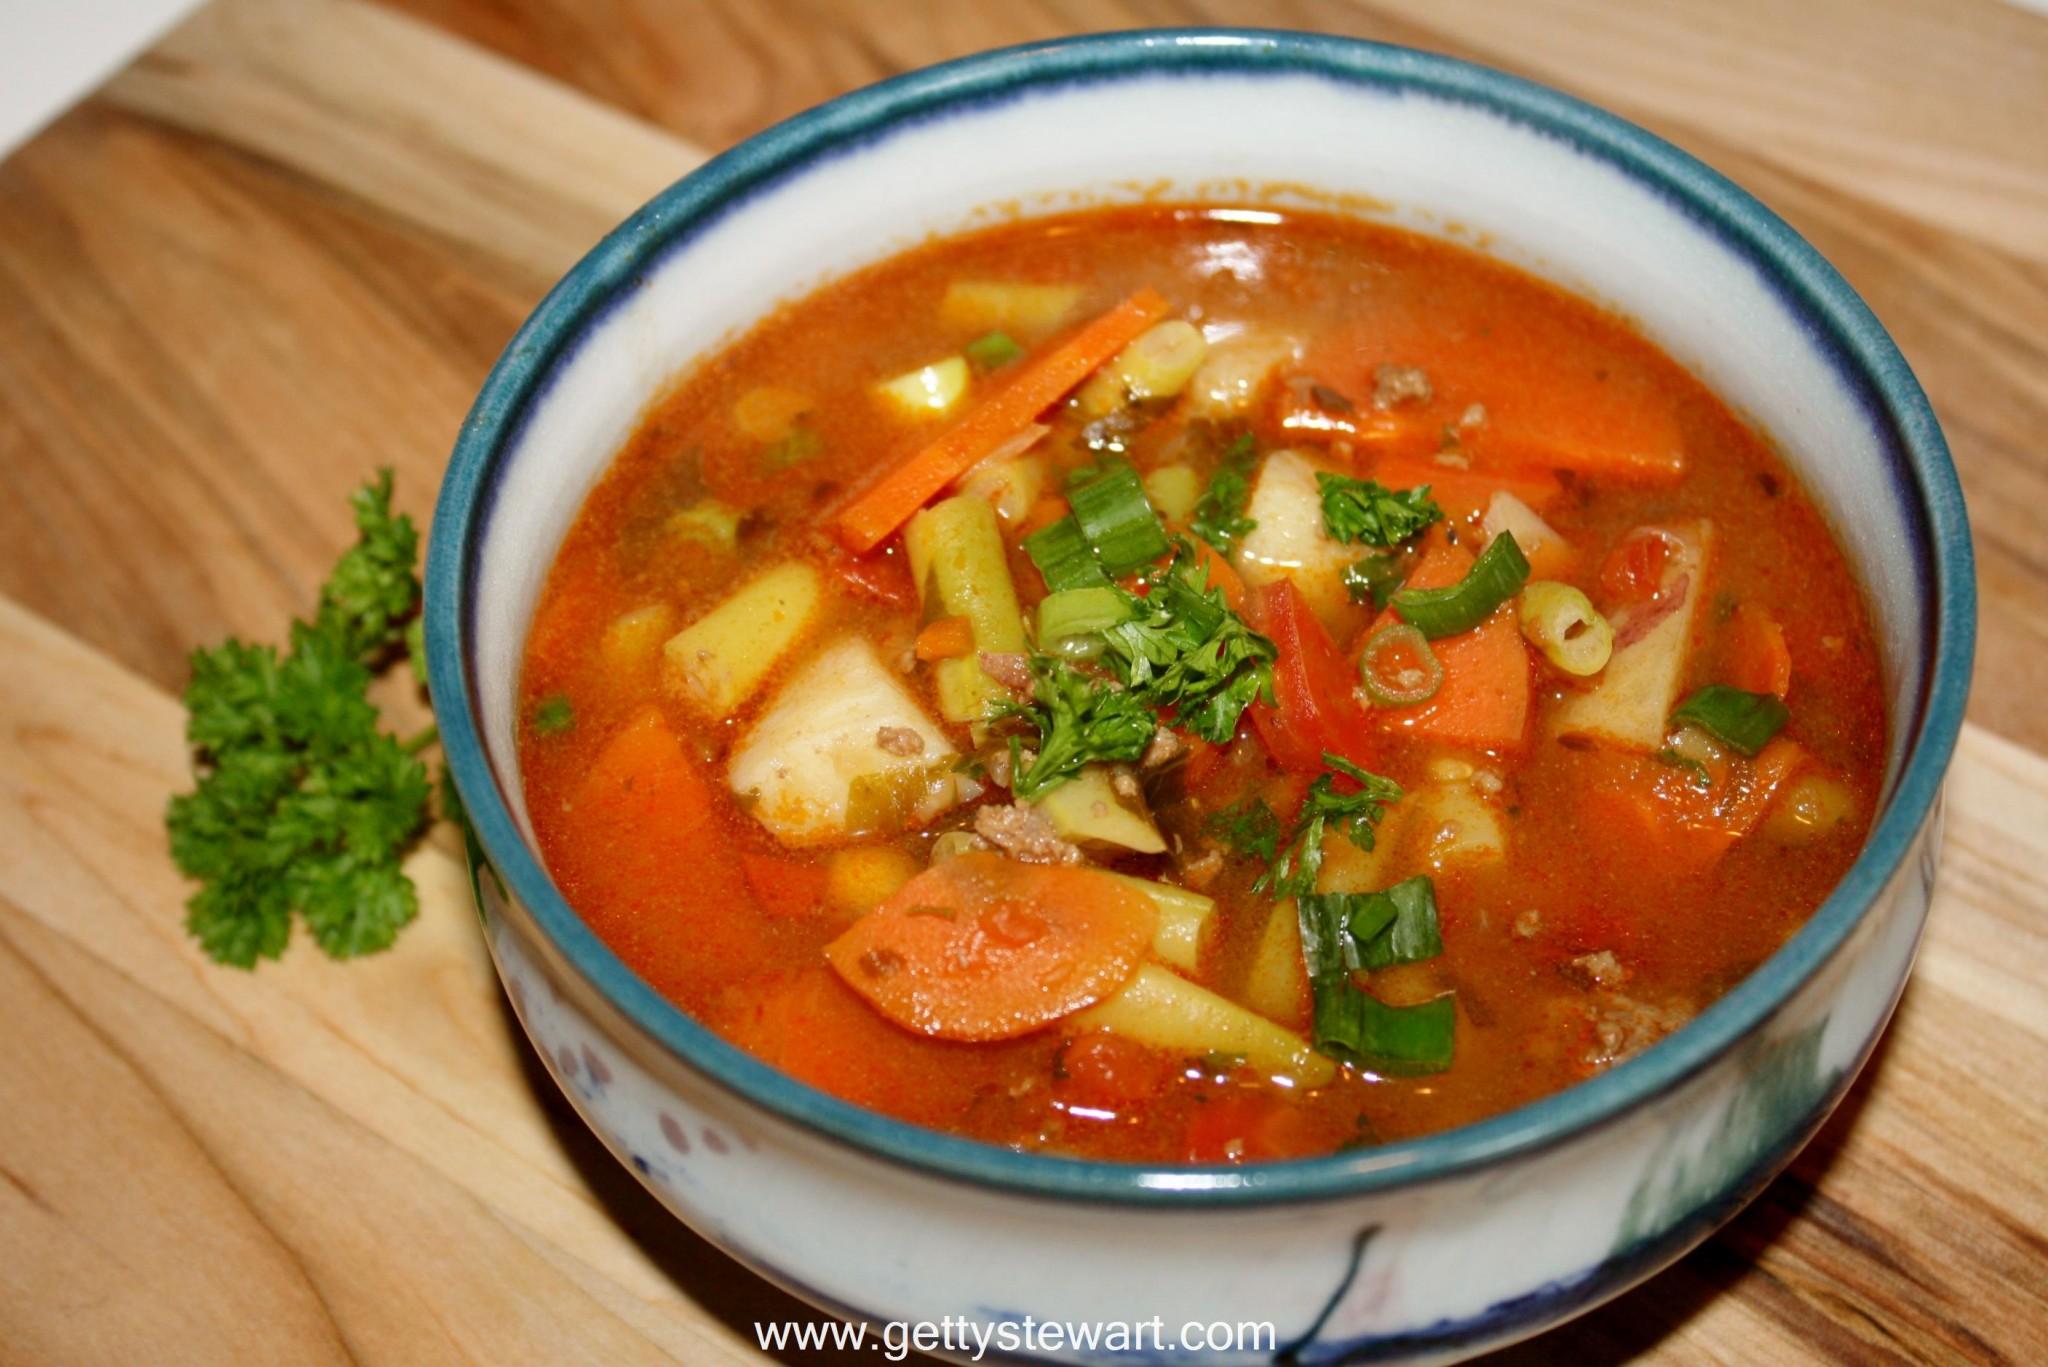 Merveilleux Garden Vegetable And Hamburger Soup